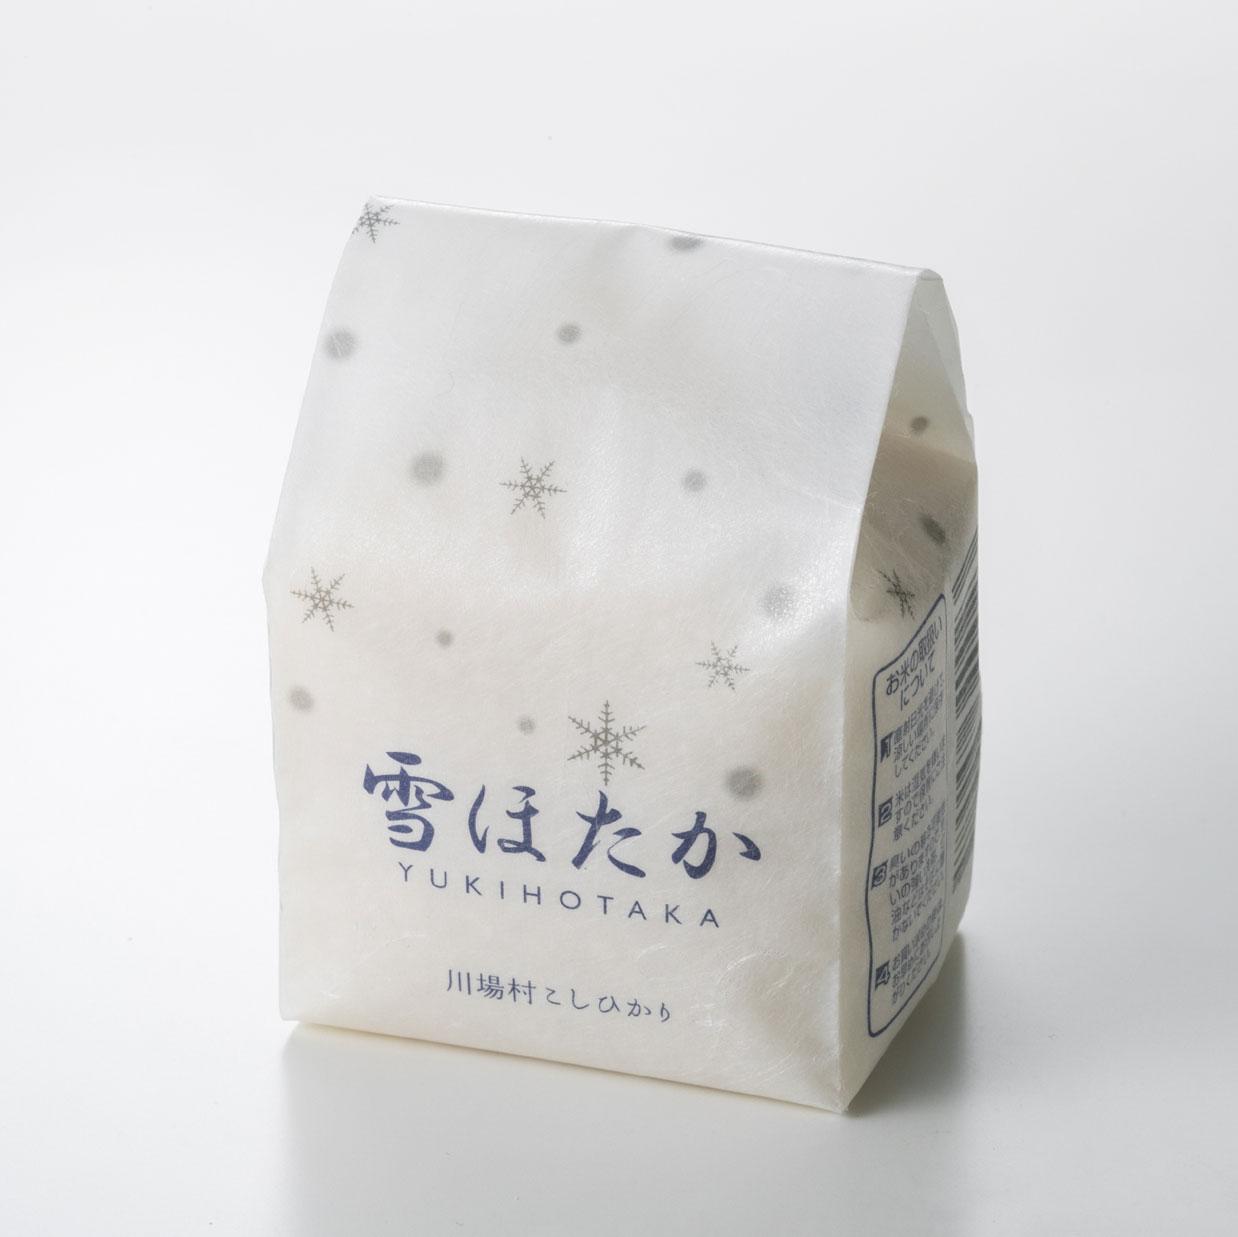 雪ほたか2合セットの商品詳細イメージ-156